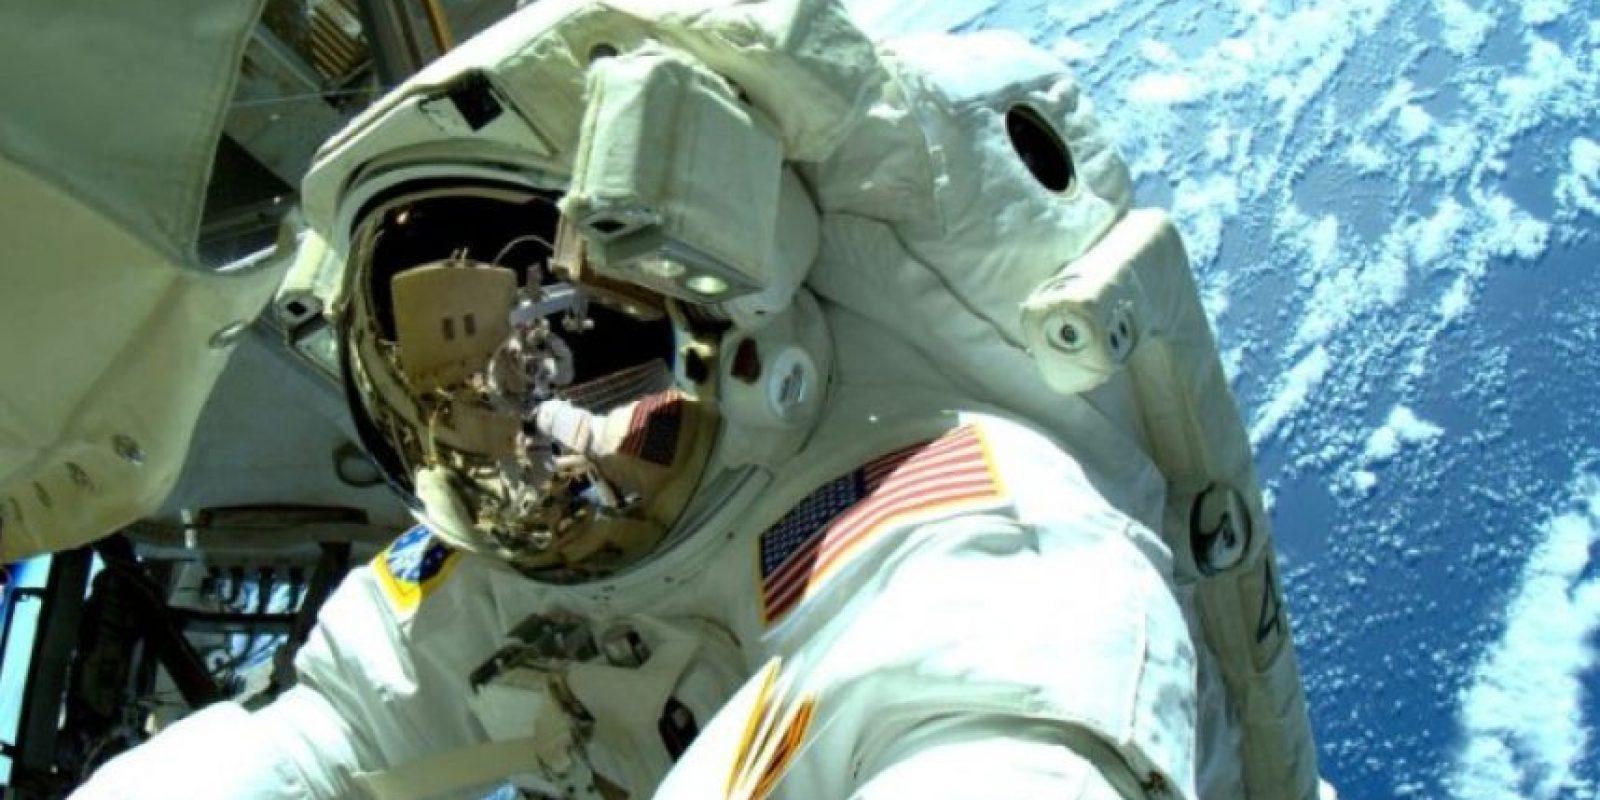 3. Cada traje espacial se diseña específicamente para cada astronauta Foto:Getty Images